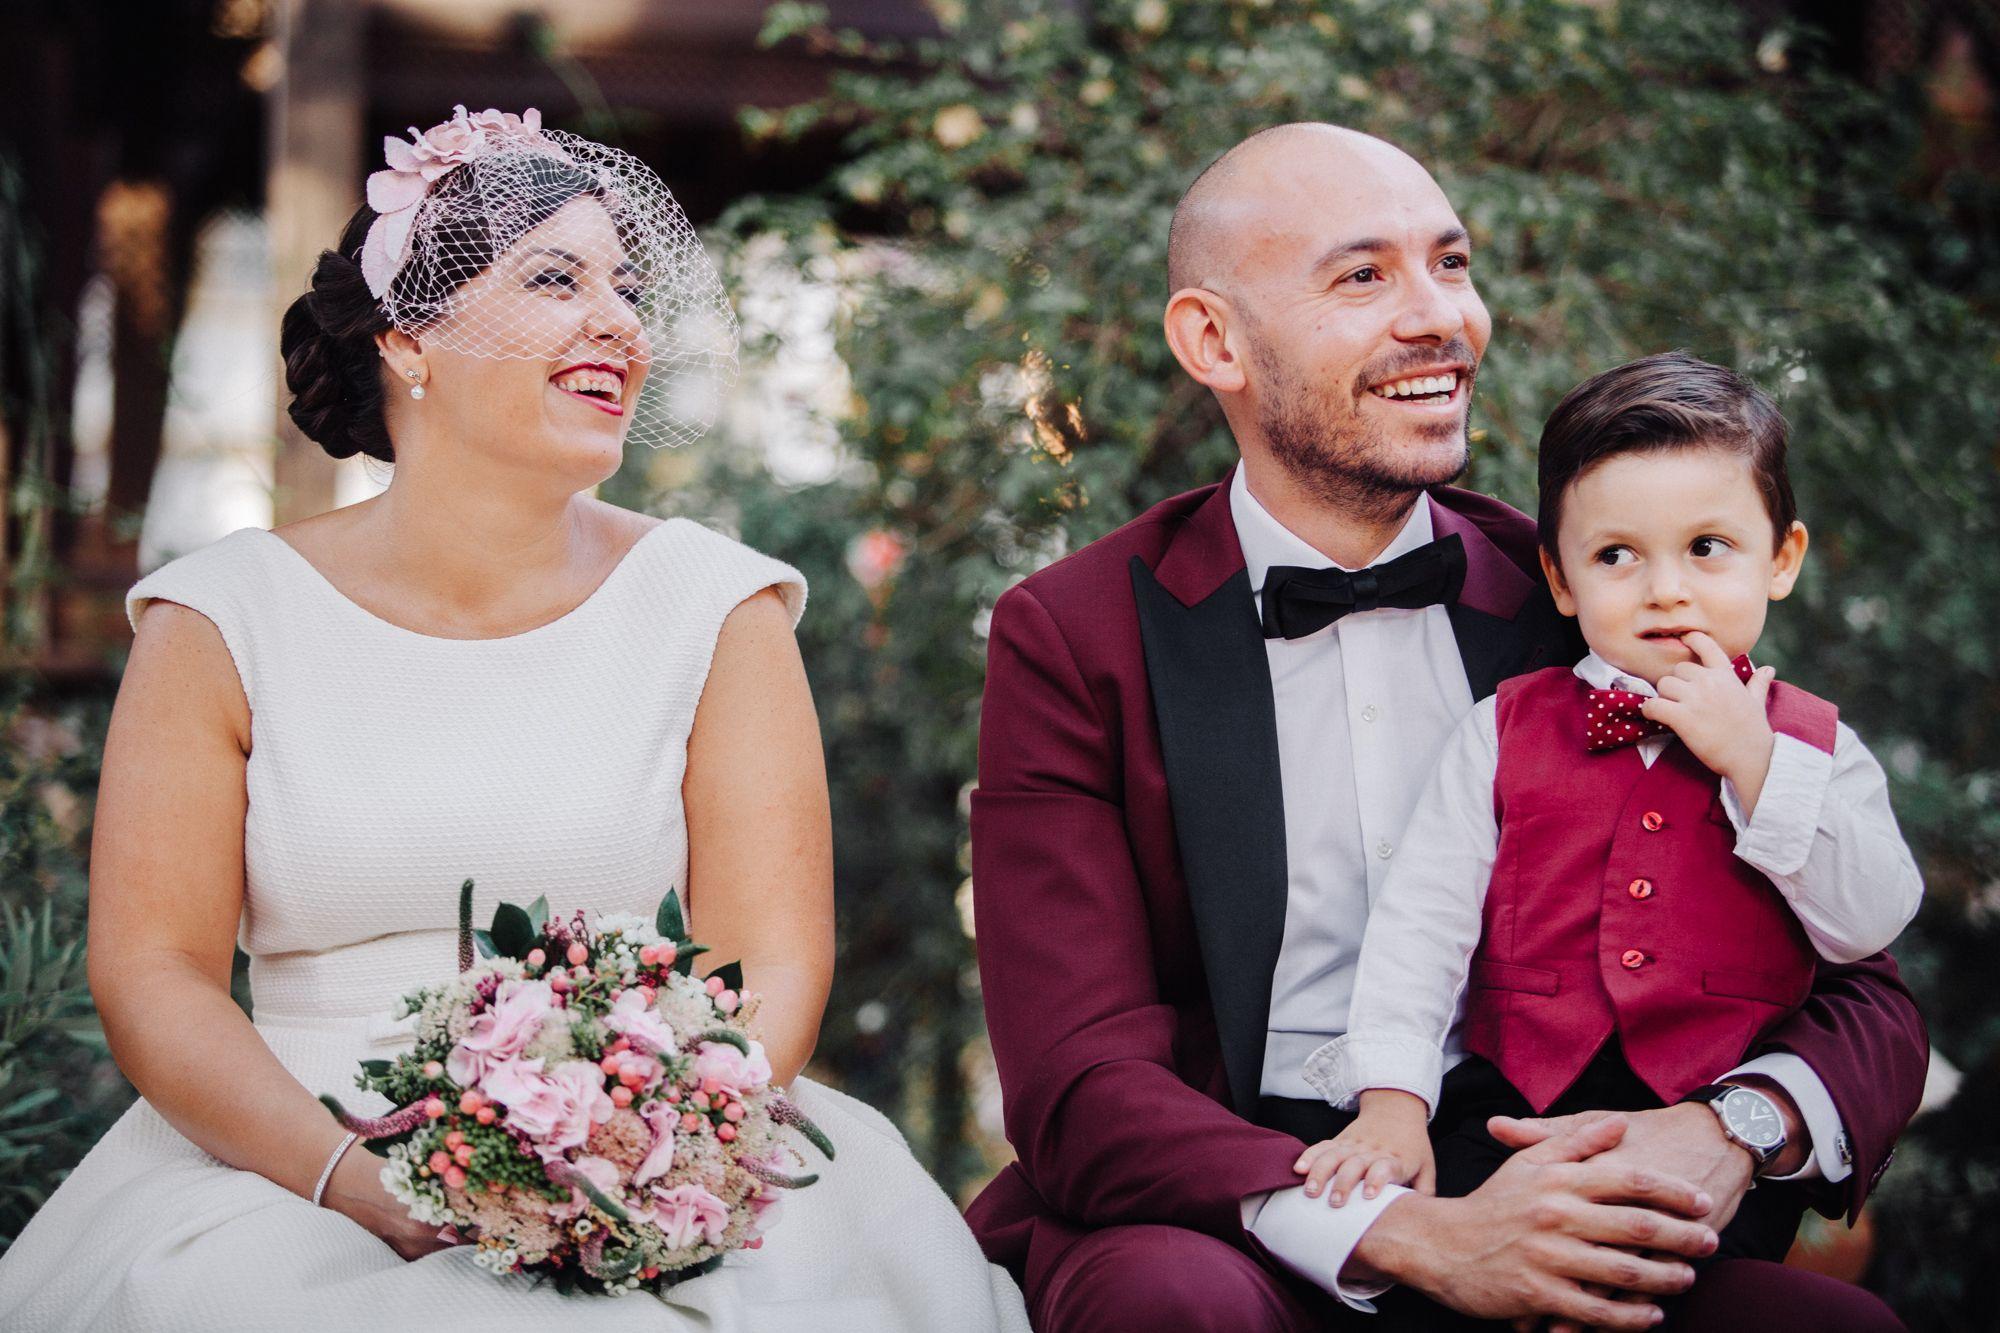 La boda de Amanda y Jorge en Villa Luisa 24